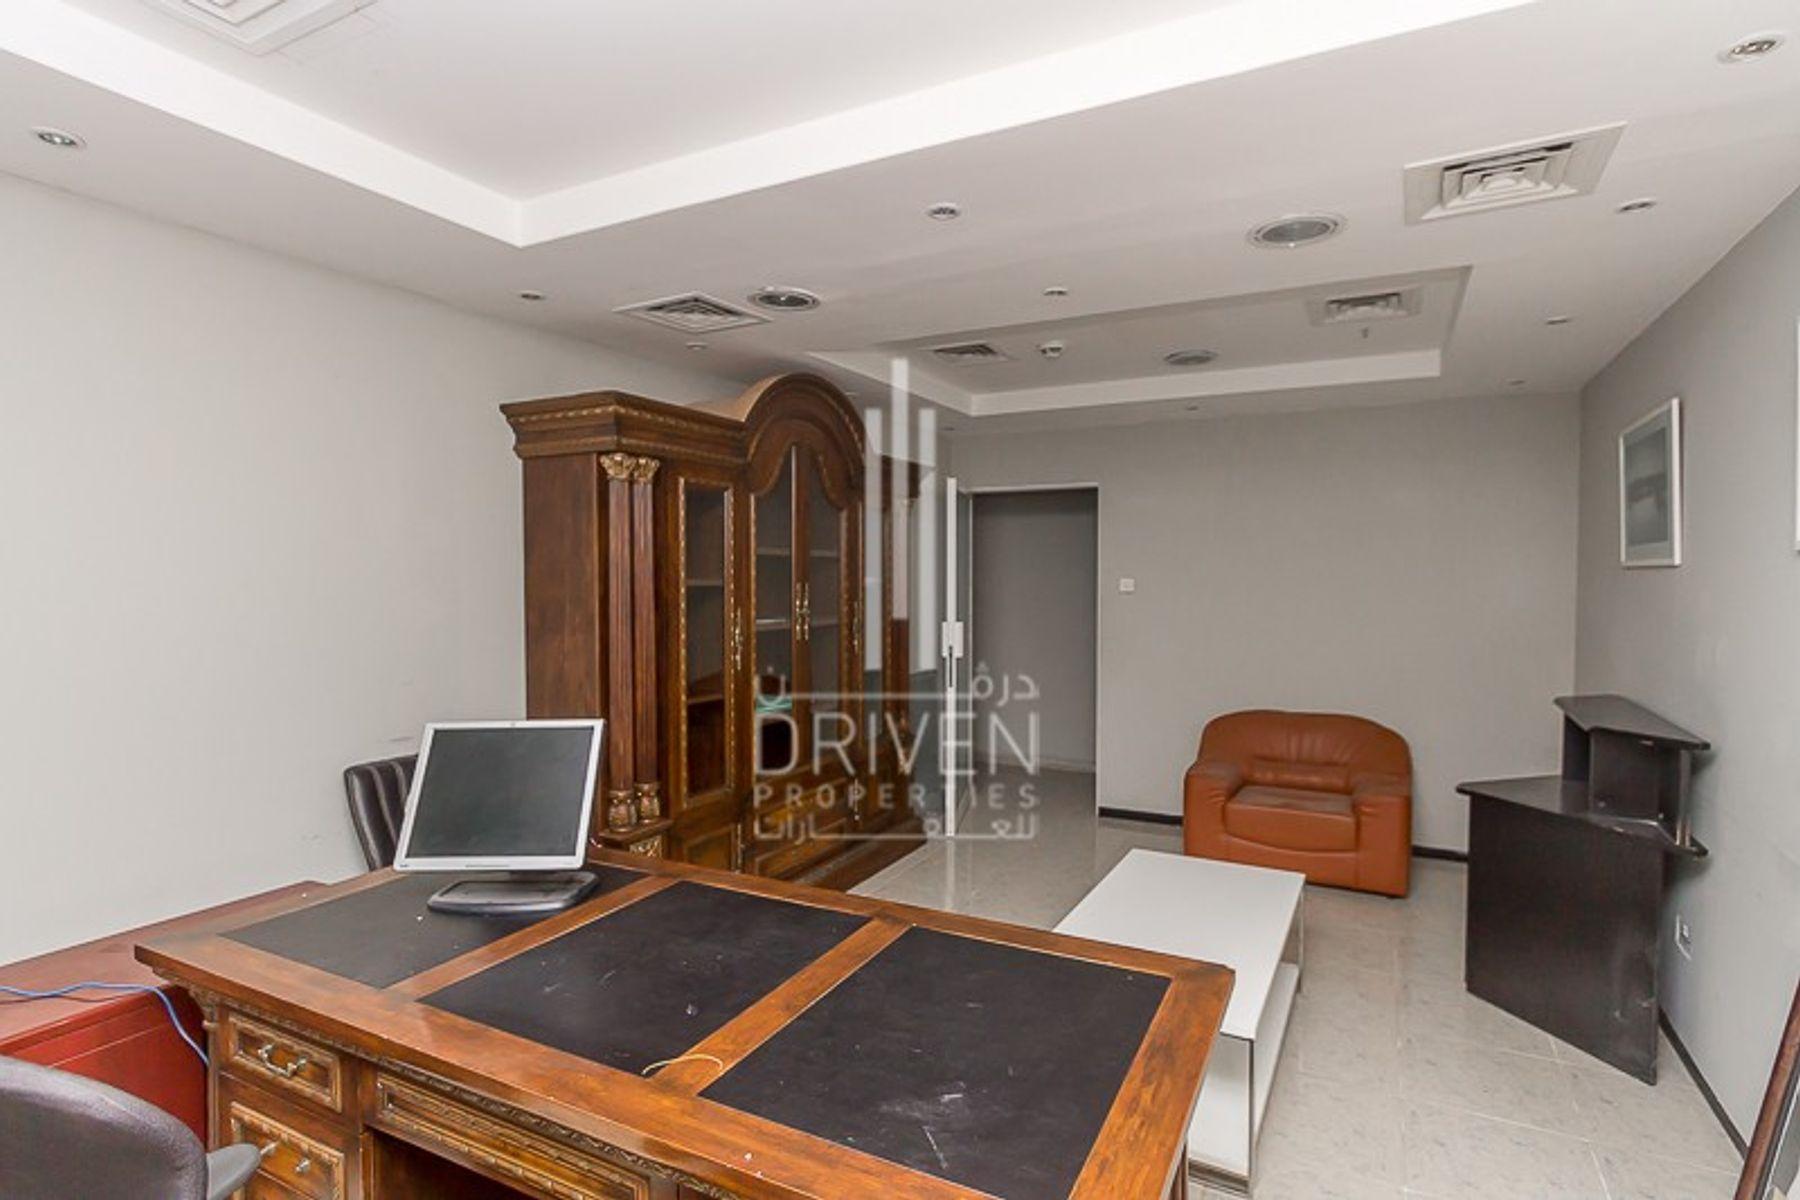 للايجار - مكتب - برج العطار - شارع الشيخ زايد